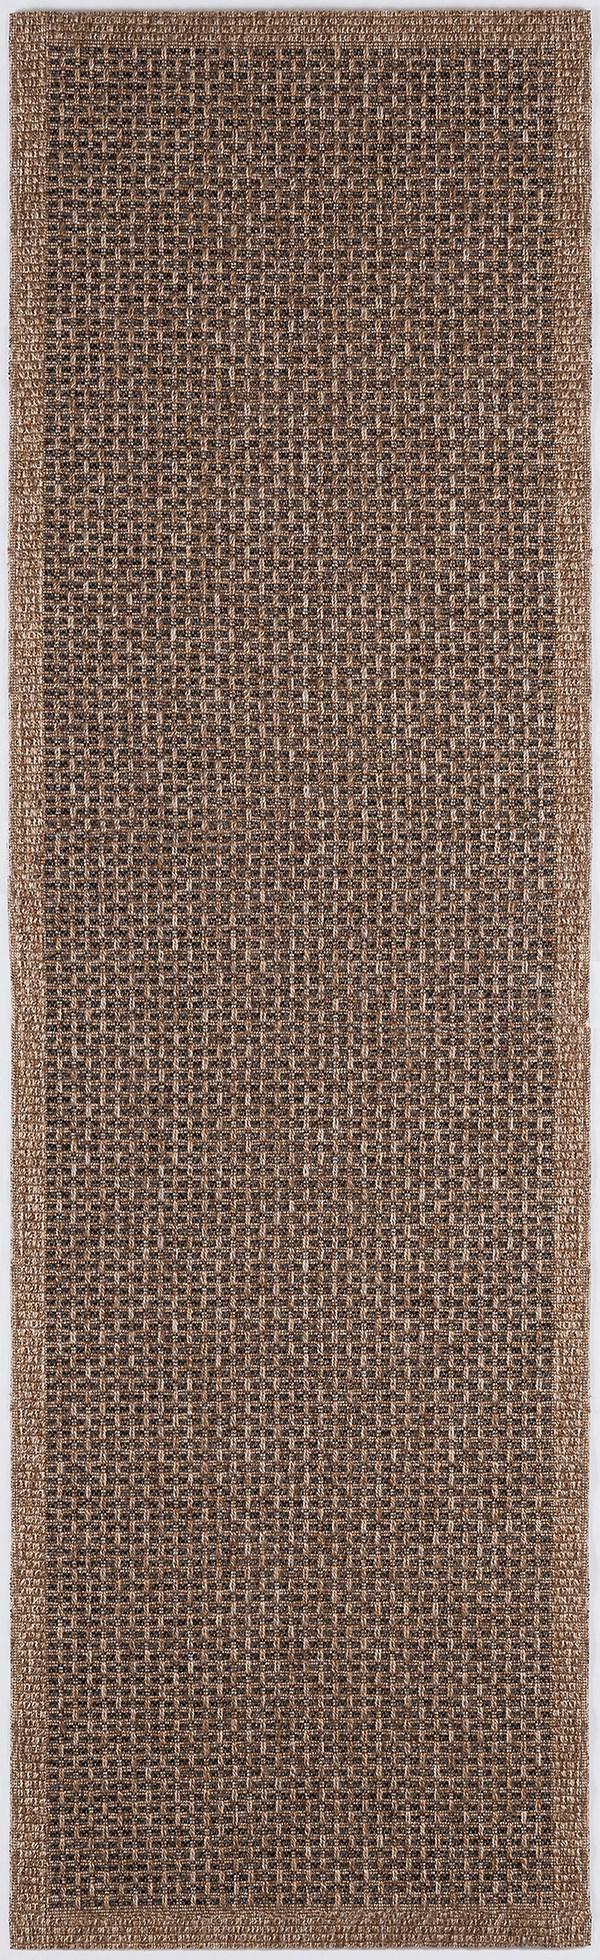 Natural Beige, Black (SRN-1022) Outdoor / Indoor Area Rug